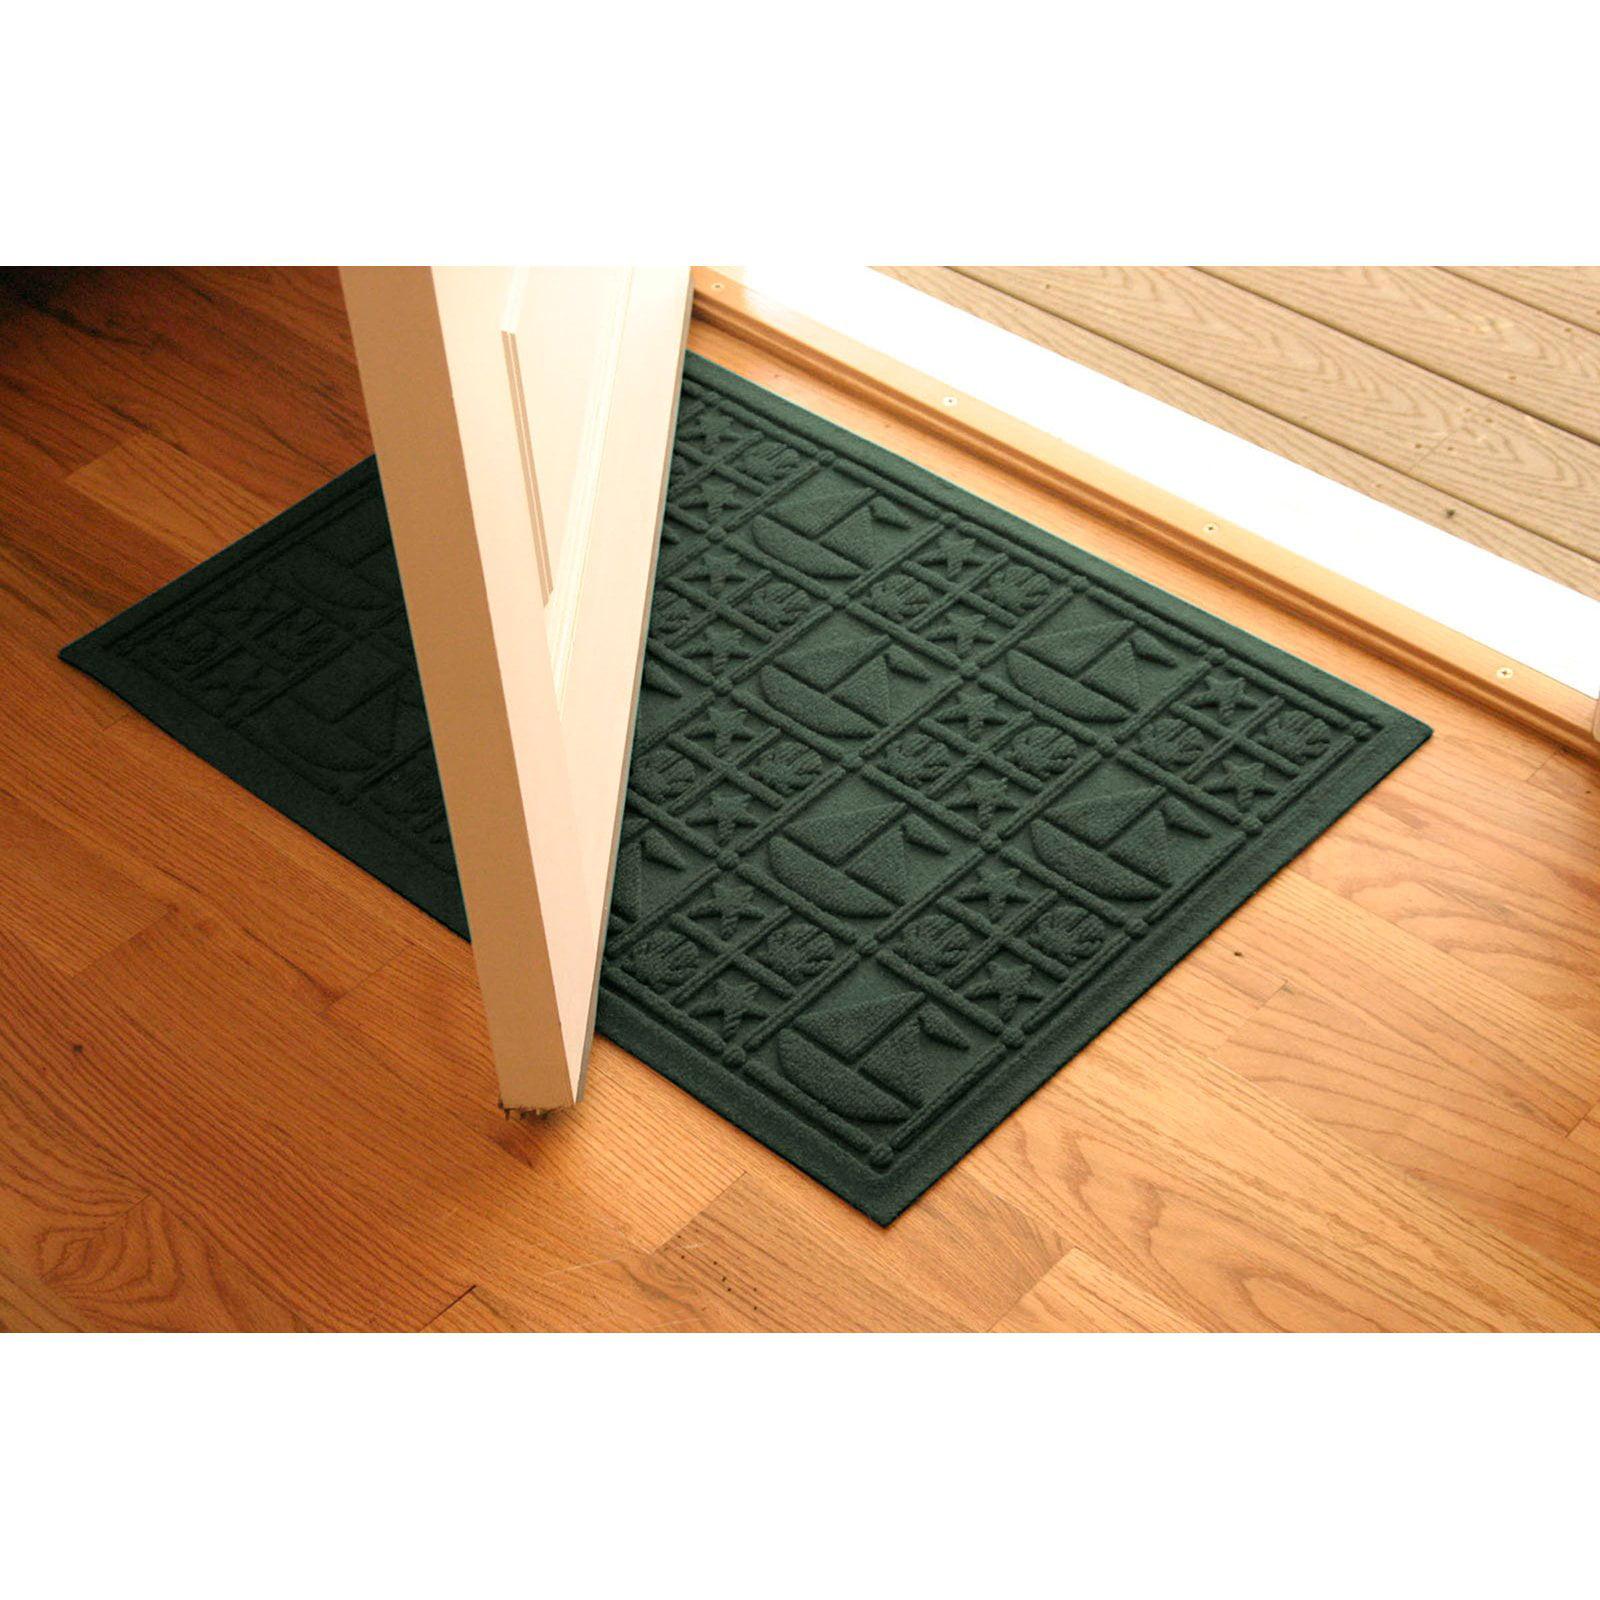 Bungalow Flooring Water Guard Nautical Indoor / Outdoor Door Mat - 2 x 3 ft.